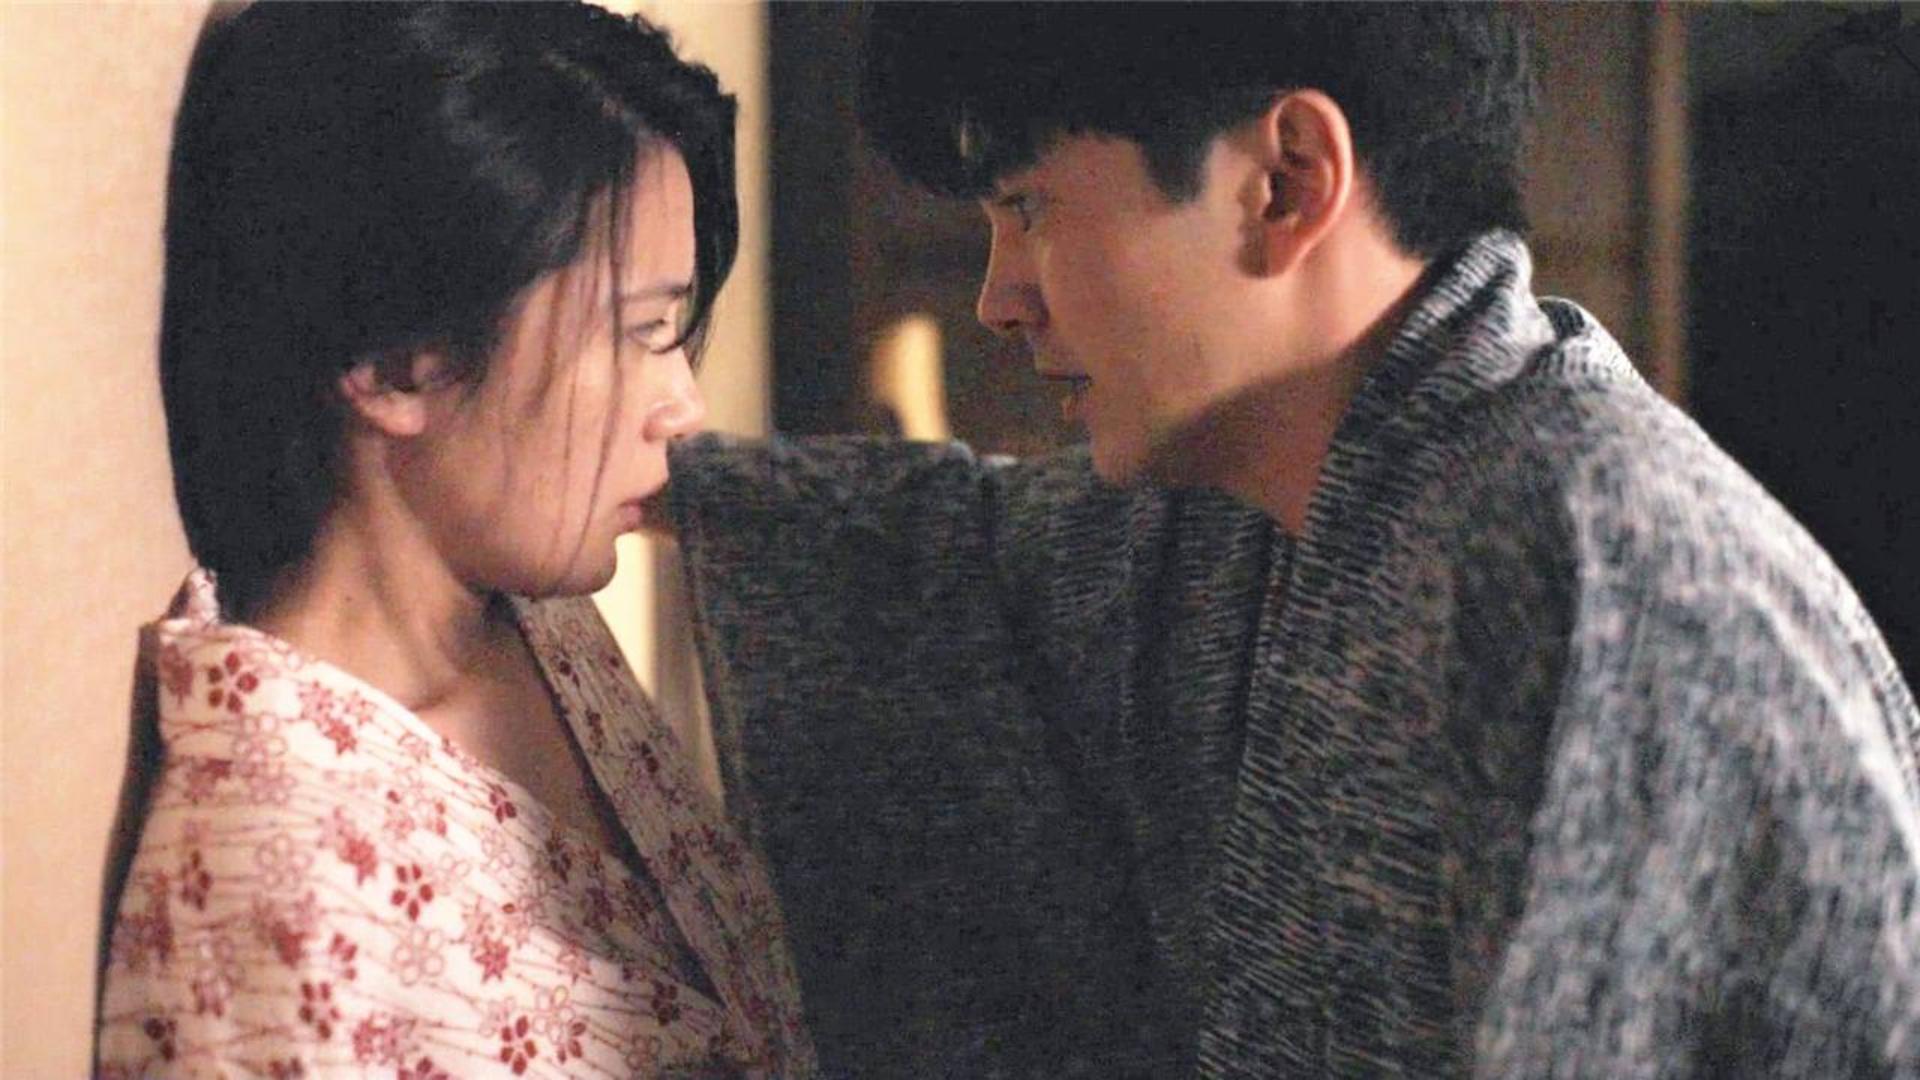 因为嫁了不爱的男人,她决定成全妹妹!日本电影《花芯》